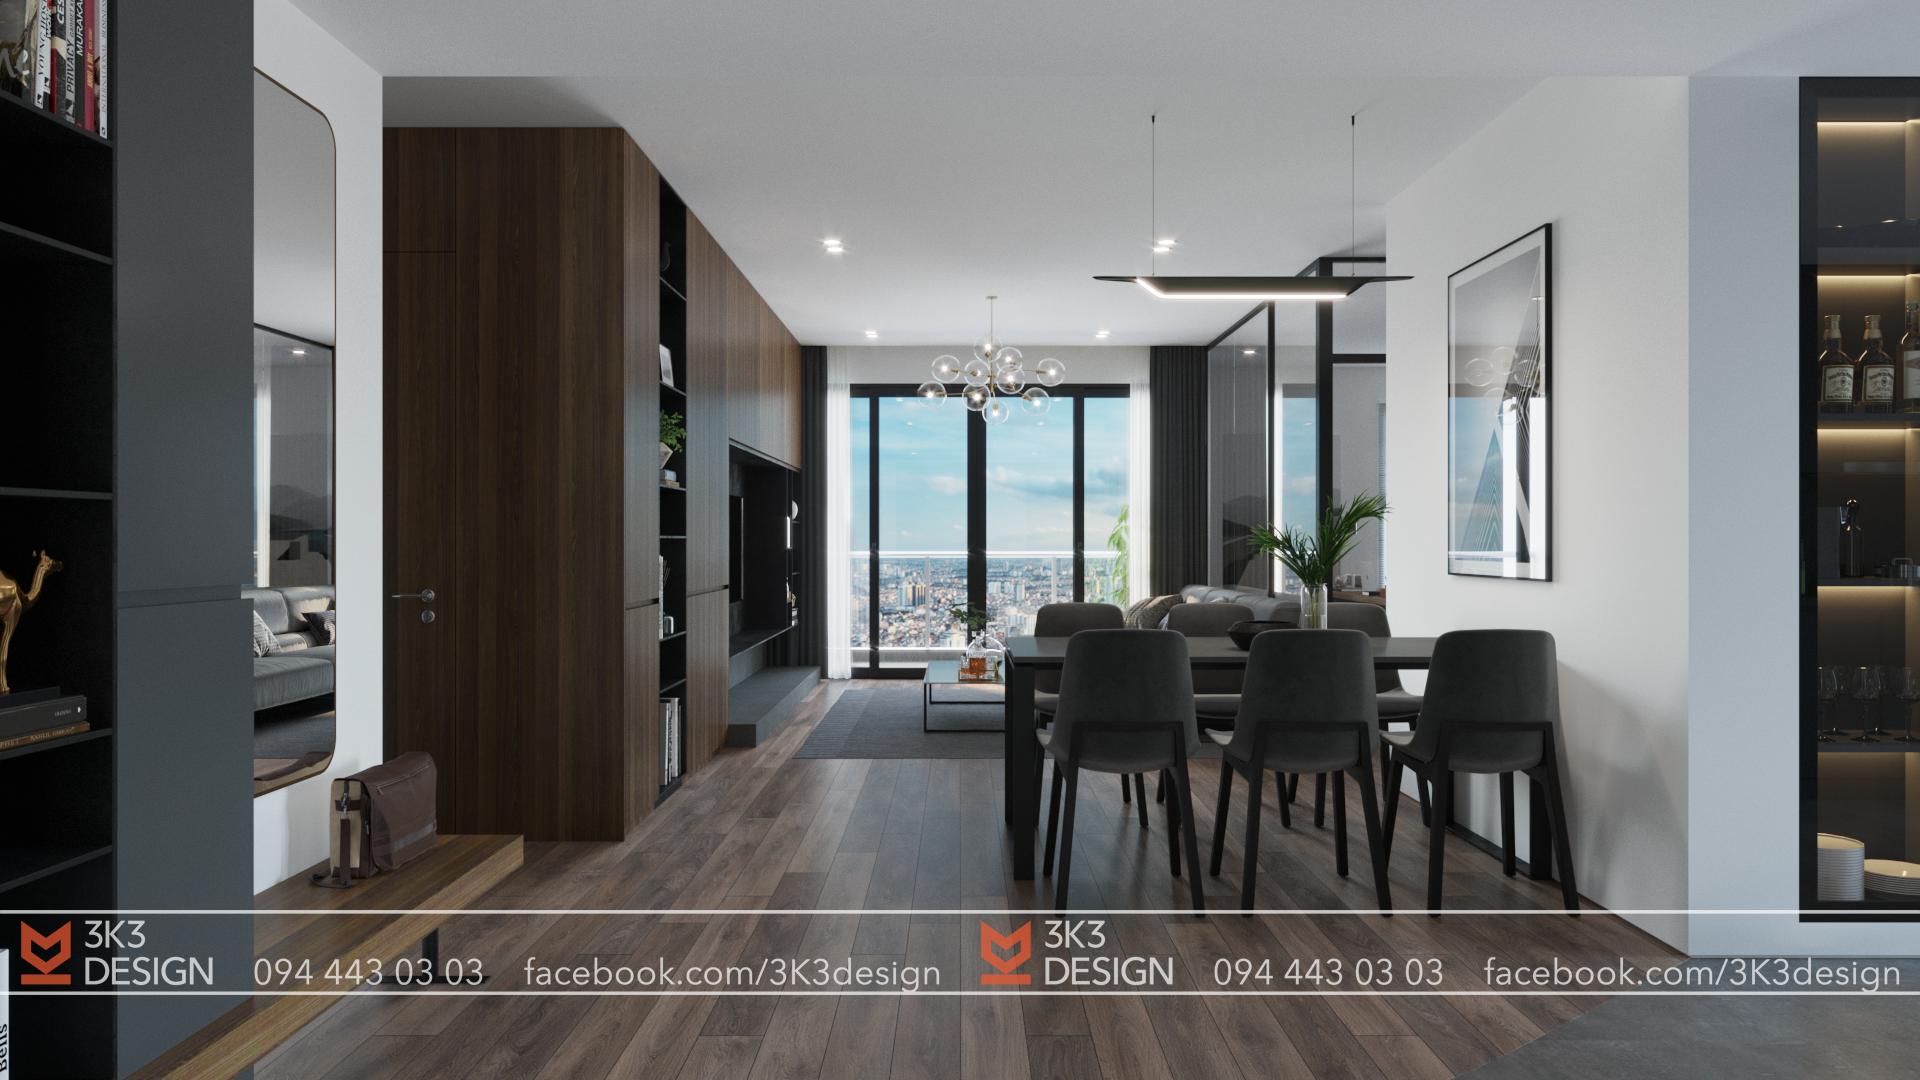 thiết kế nội thất chung cư tại Hà Nội VIMECO APARTMENT 0 1565080498